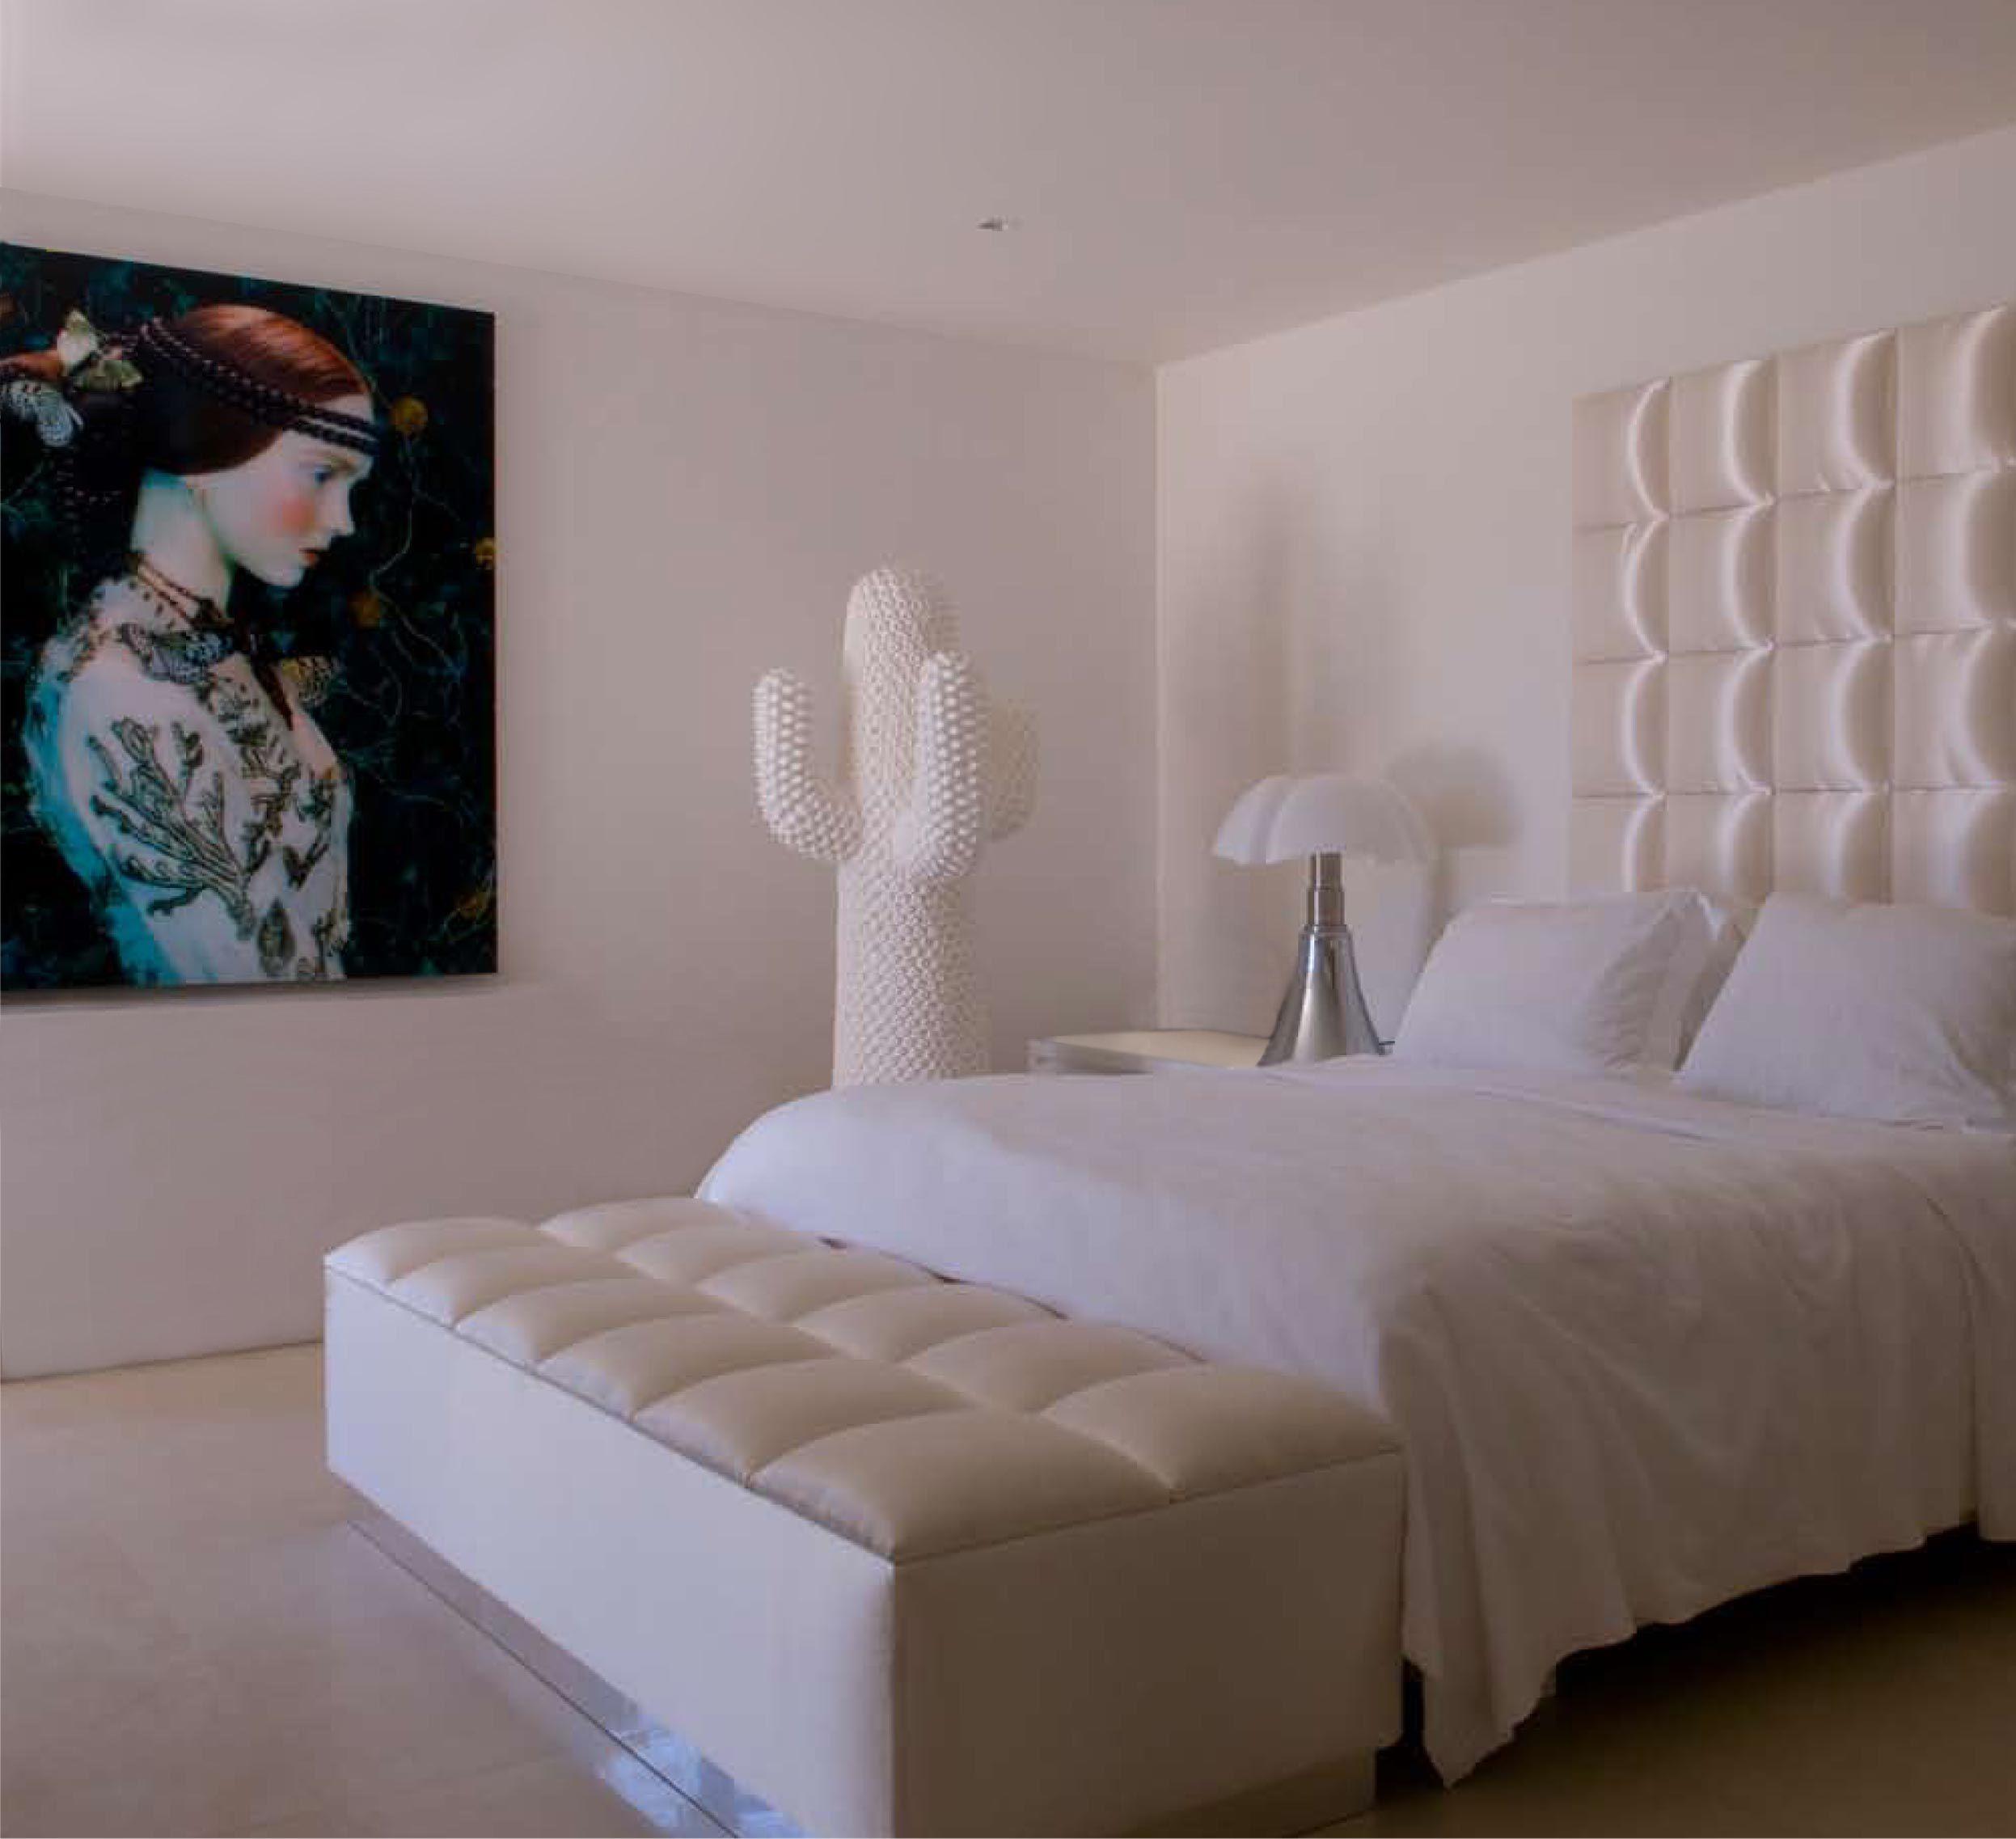 Jan des Bouvrie   Ontwerpstudio   All white   Pinterest   Slaapkamer, Witte woonkamers en Arsenaal